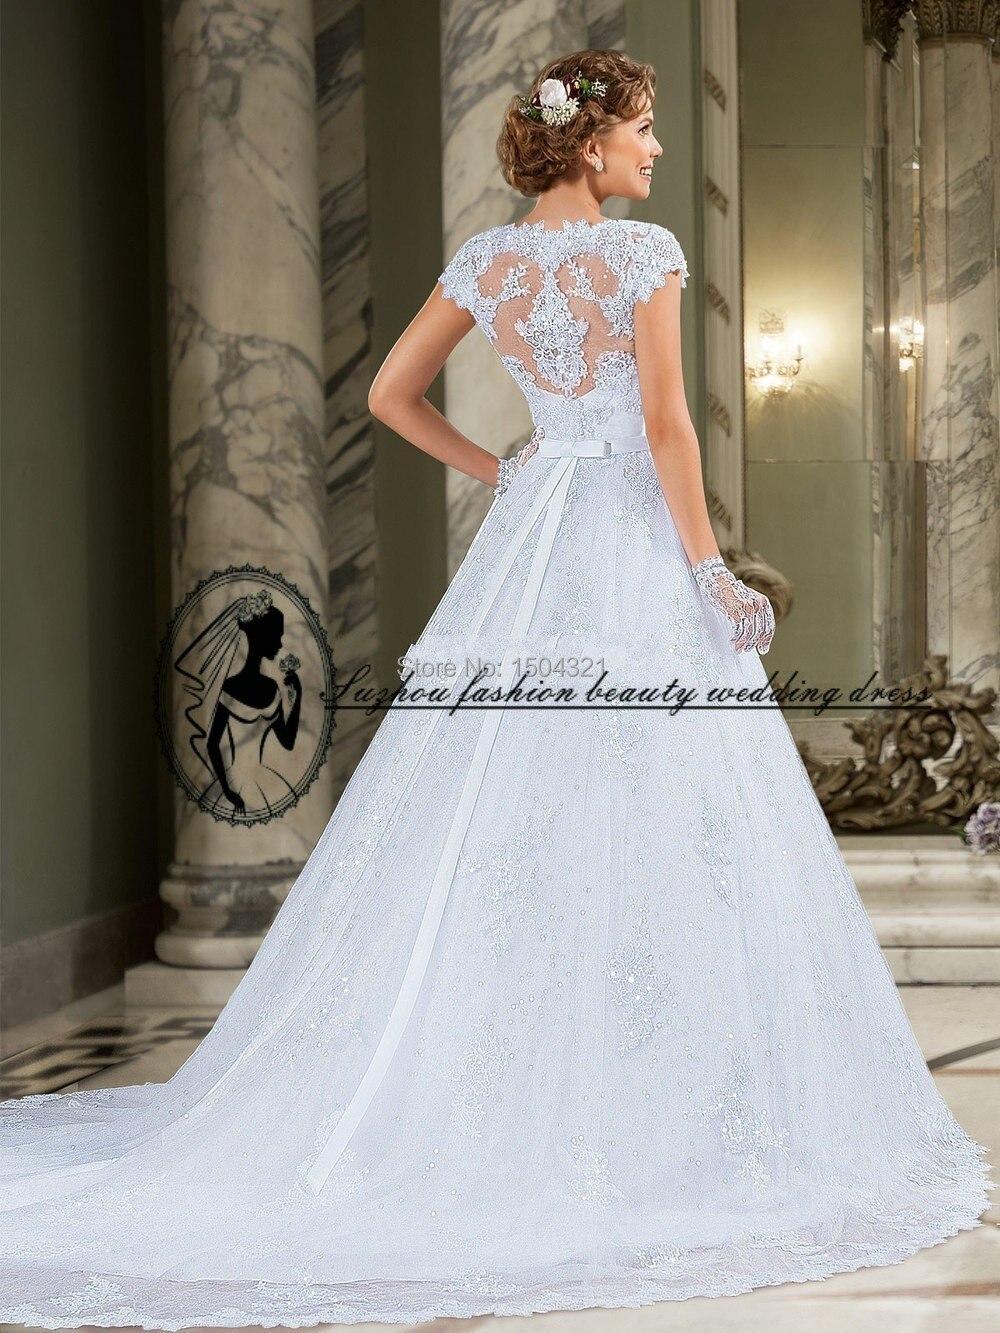 Moda de vestidos de novia 2015